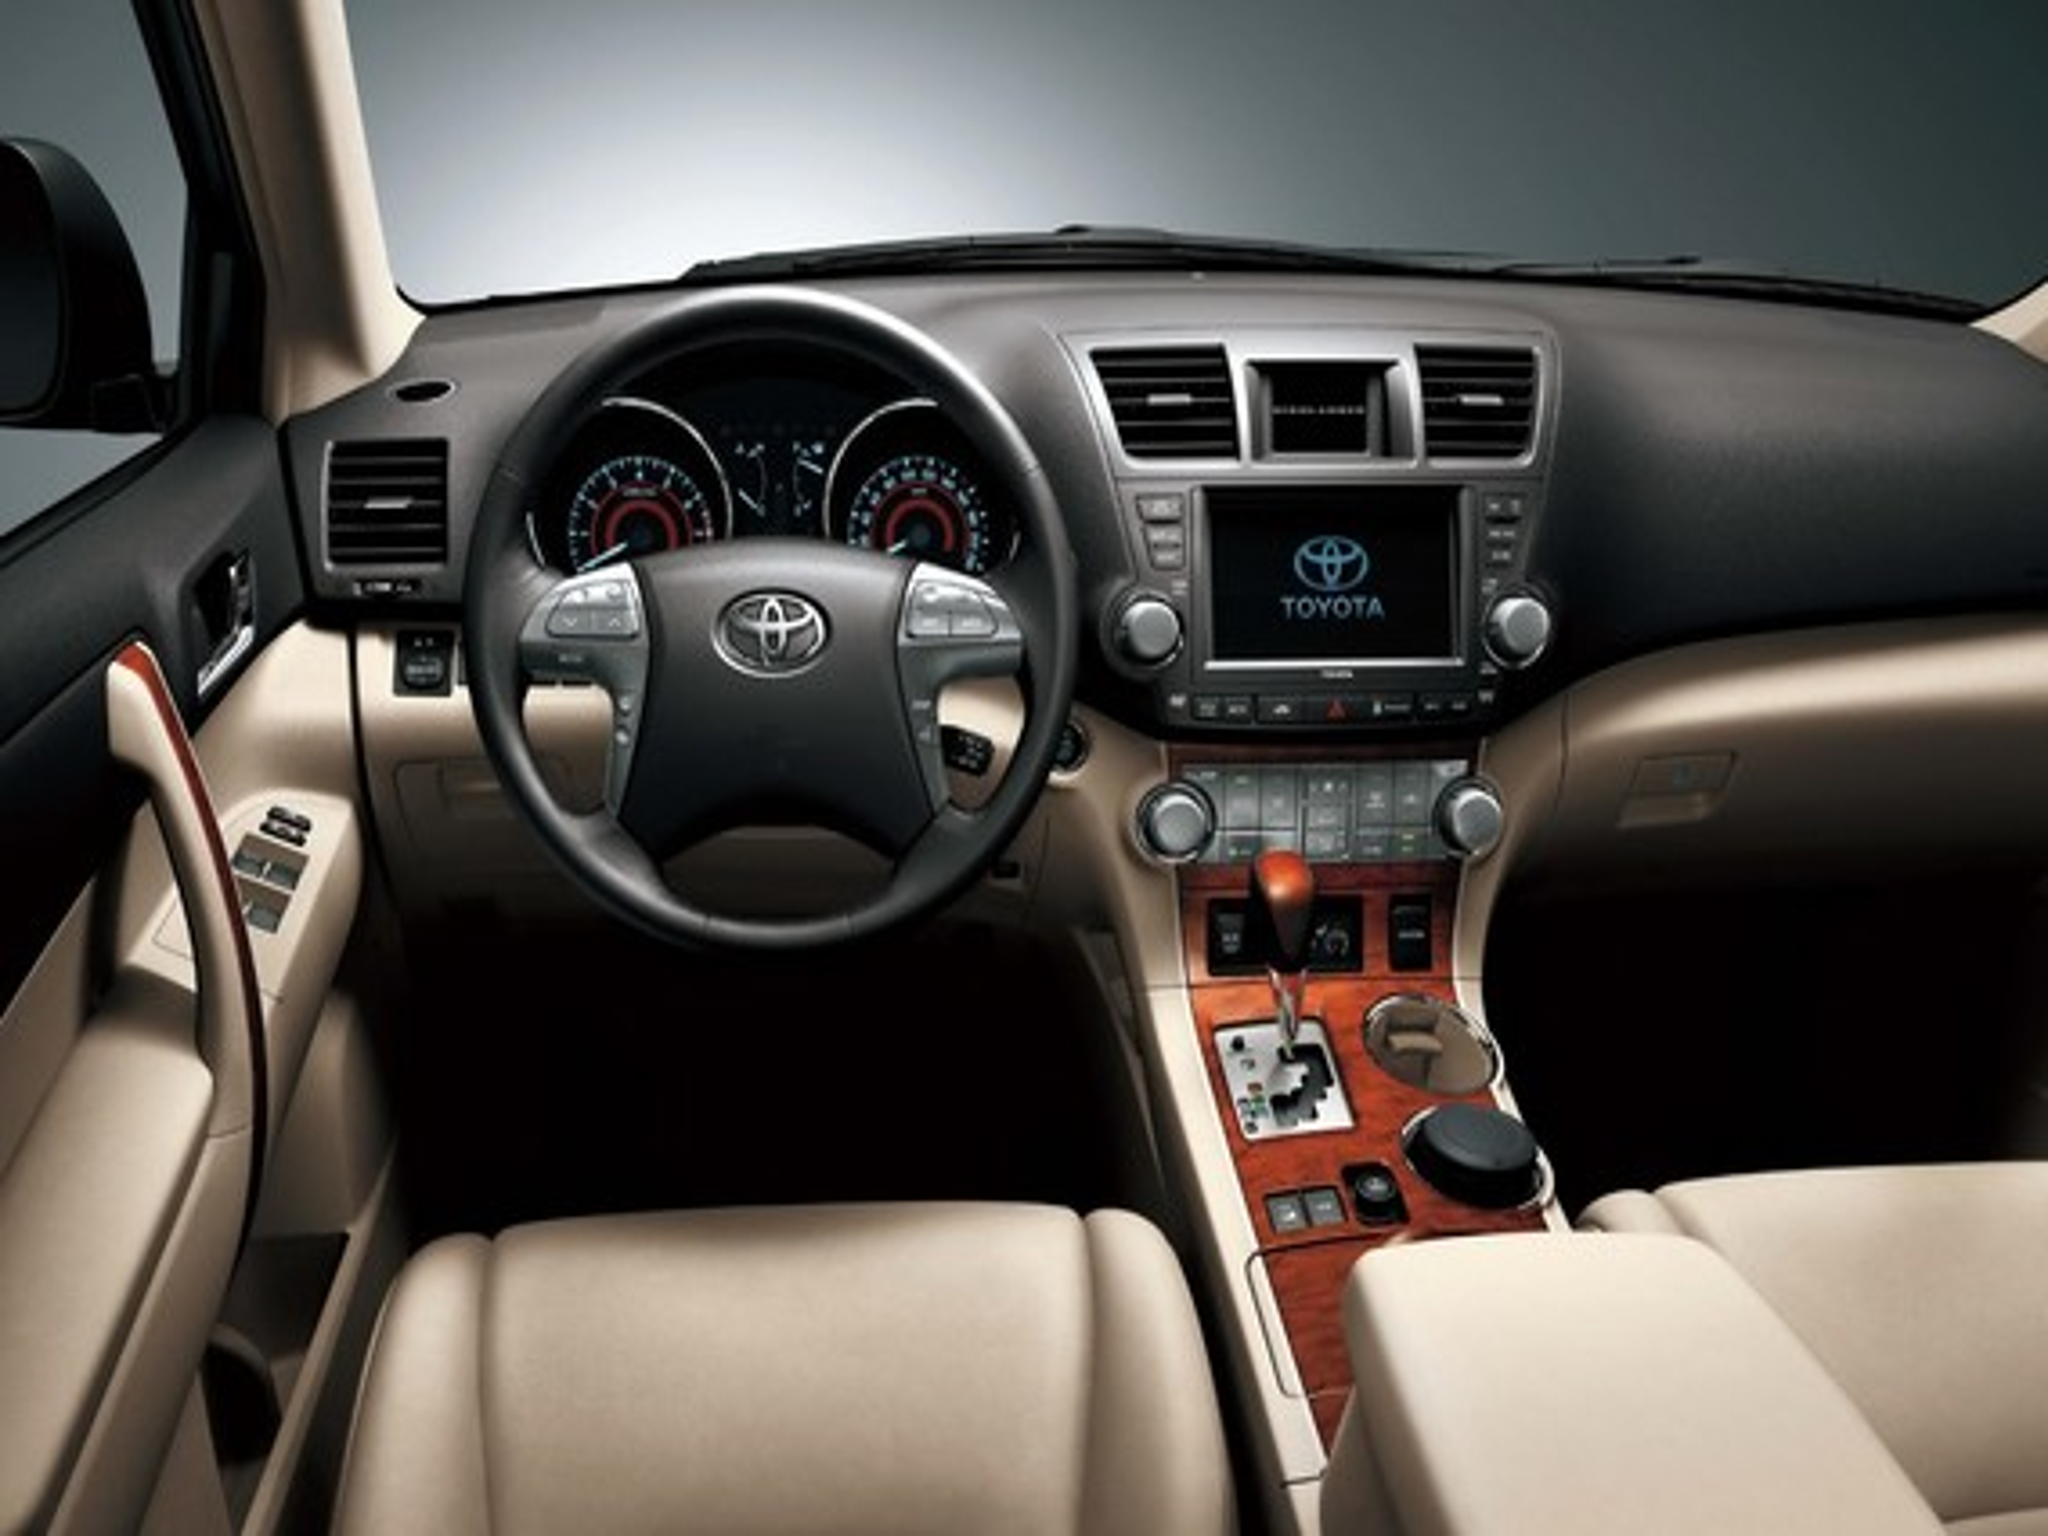 При продолжительном нажатии на педаль газа в салоне Toyota Highlander II появляется запах сероводорода